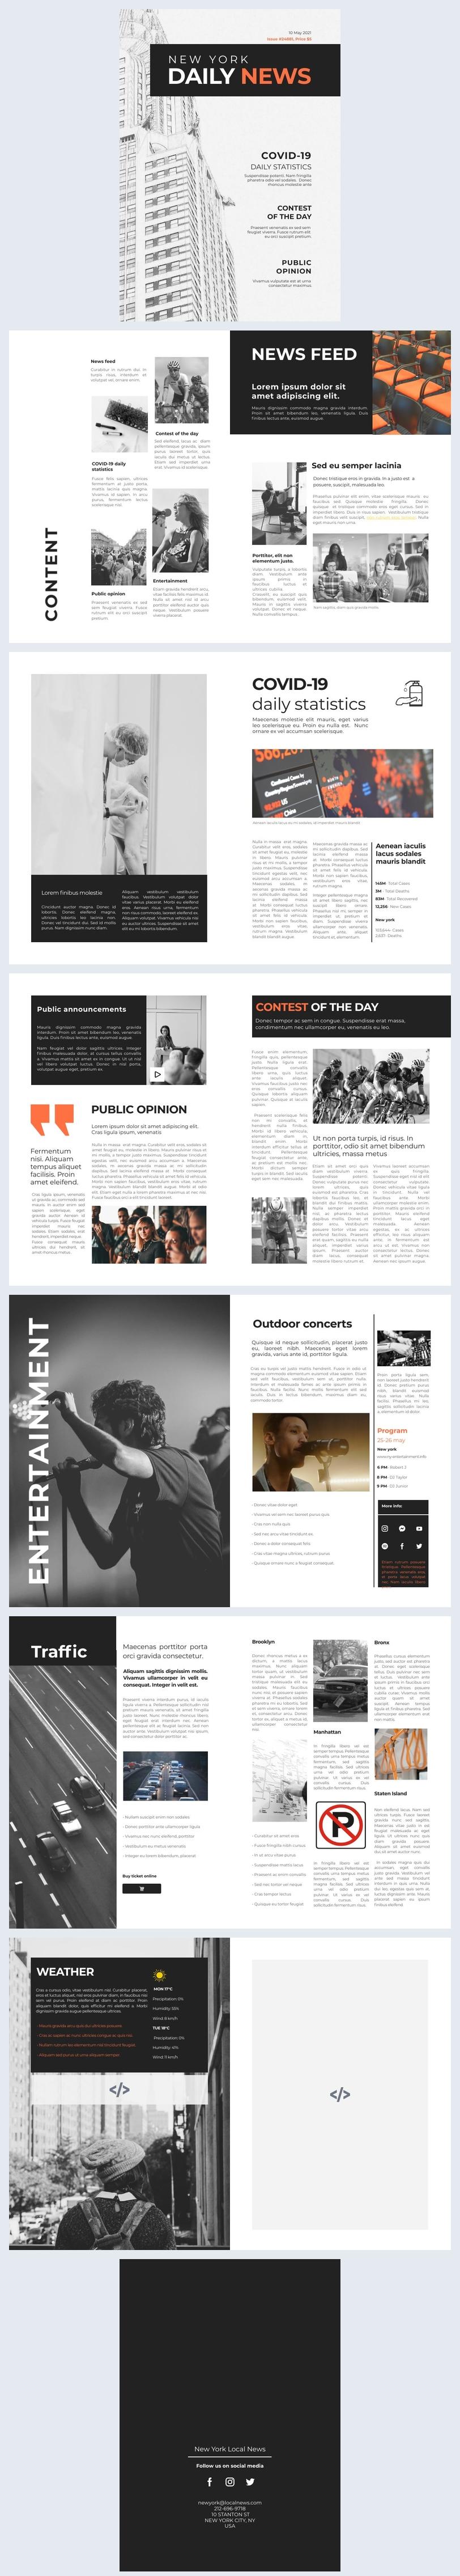 Diseño para revista de noticias interactiva